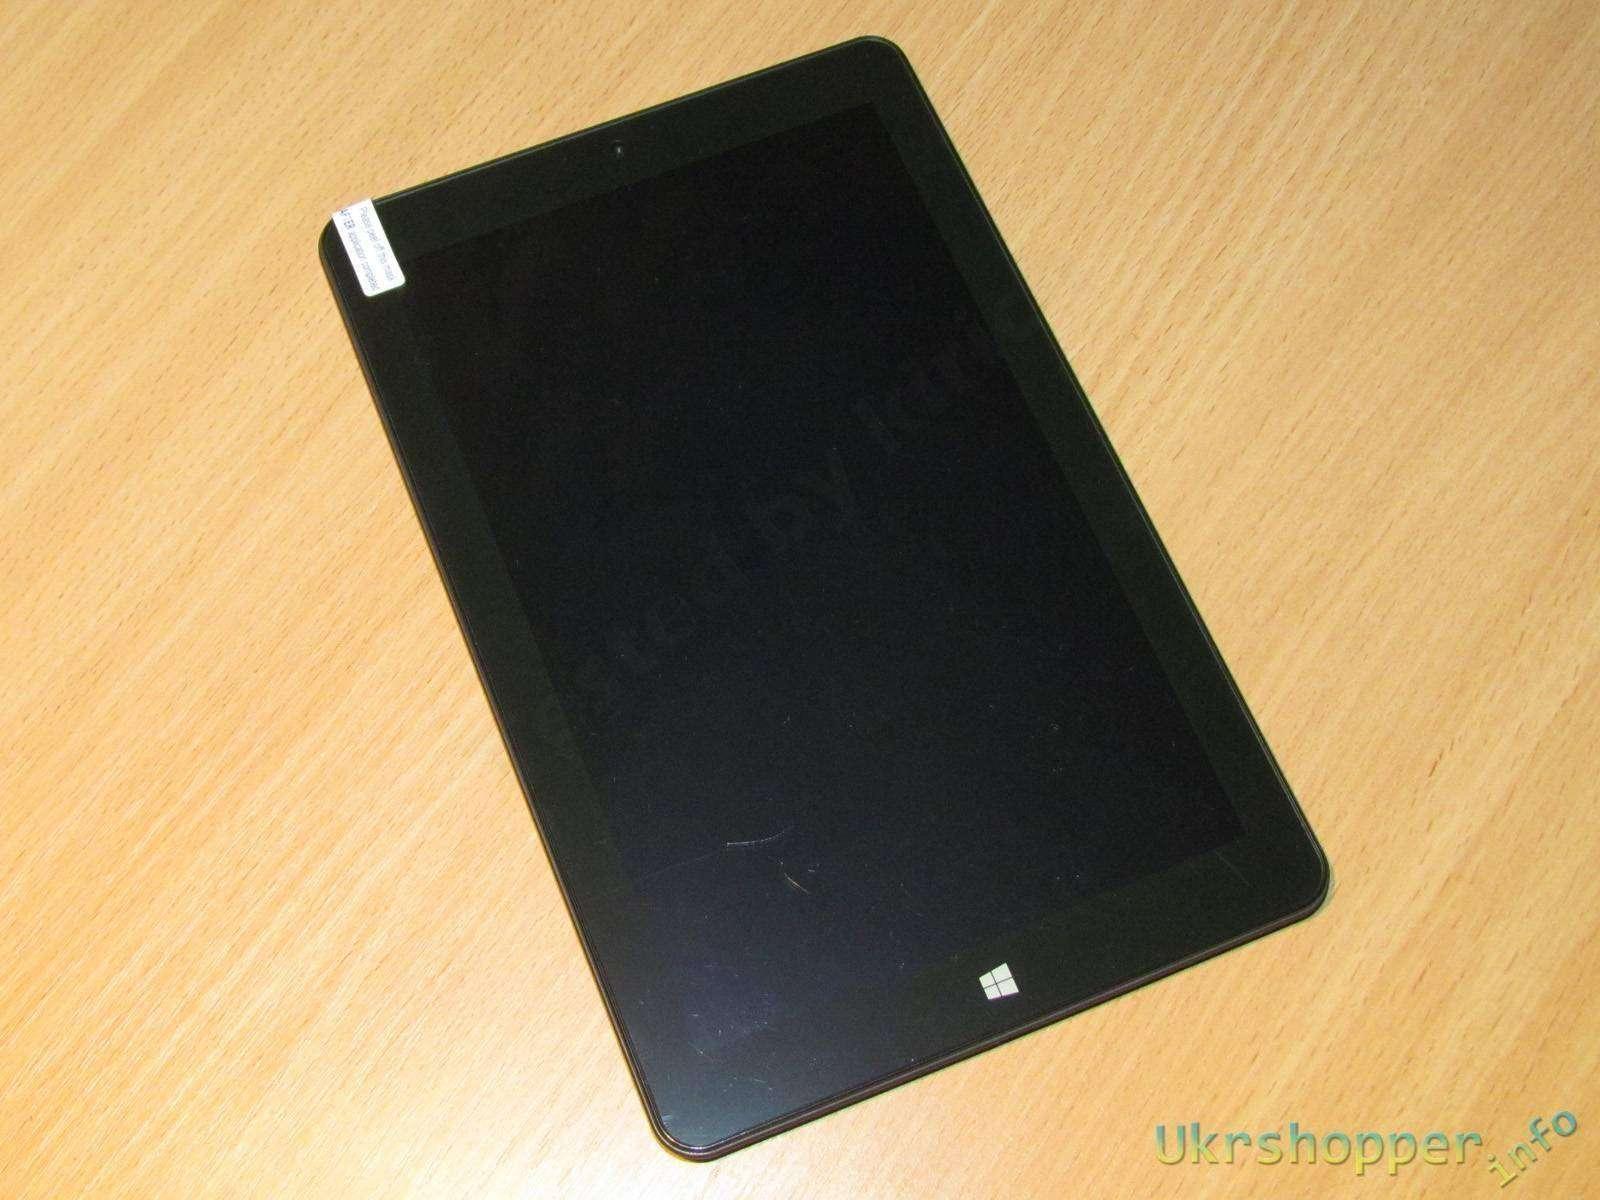 GearBest: Onda V891W, планшет, имеющий все шансы стать популярным.